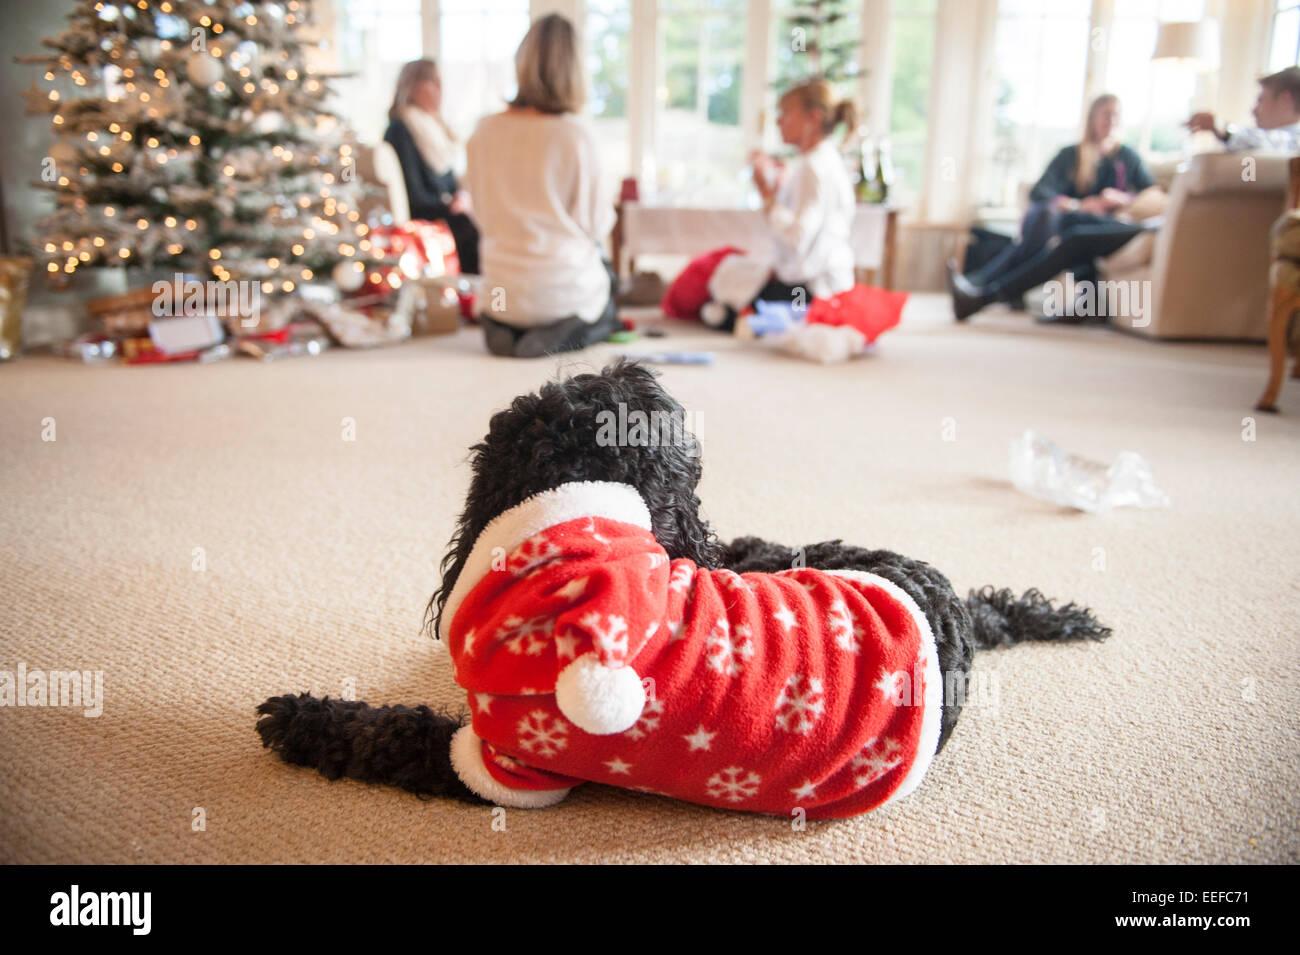 Un chien noir dans un costume Noël observe l'ouverture et les décorations de Noël par l'arbre. Photo Stock